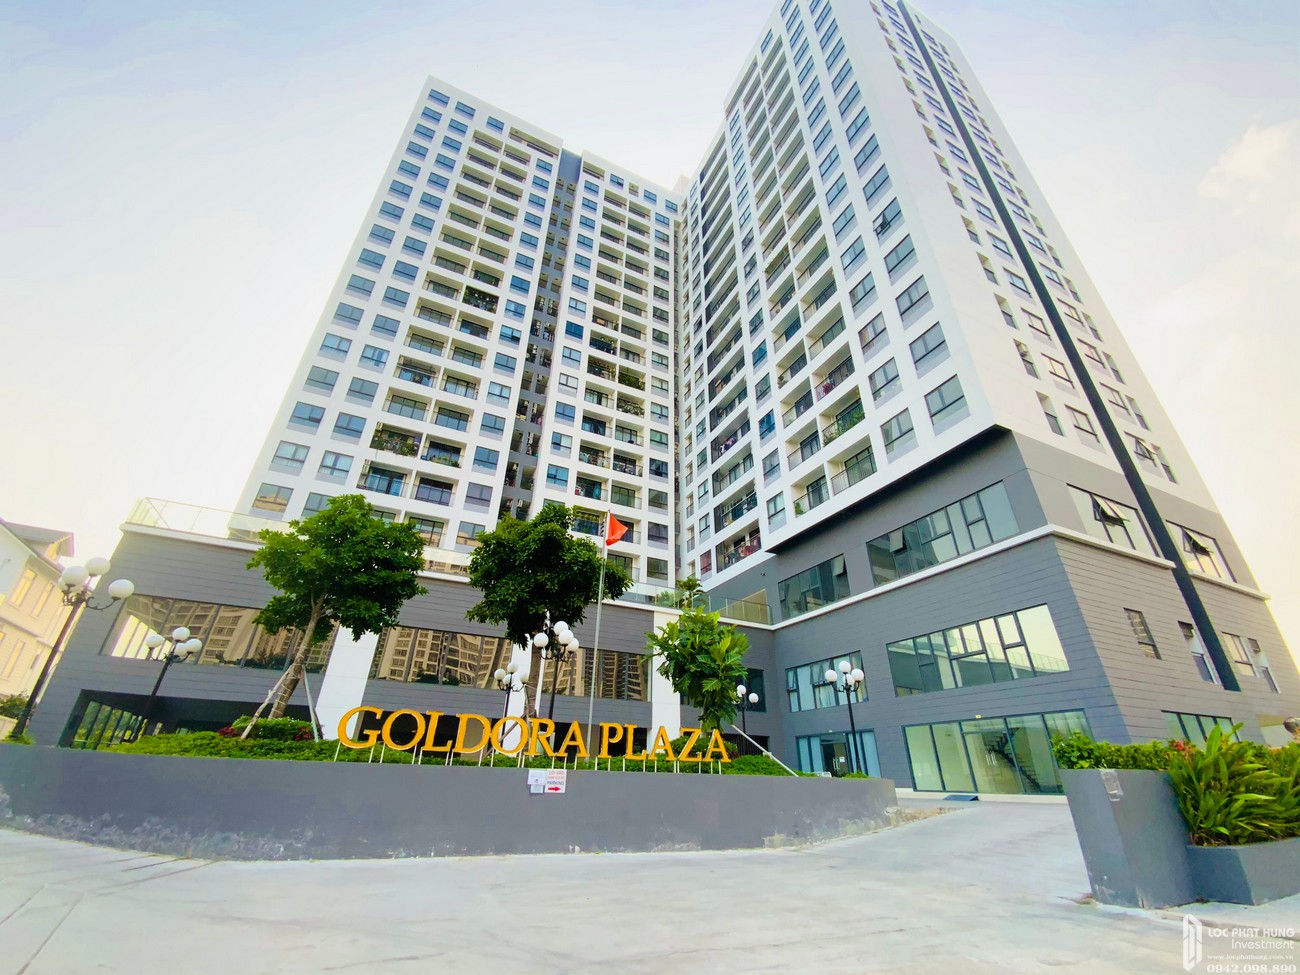 Hình ảnh thực tế dự án căn hộ Goldora Plaza Nhà Bè